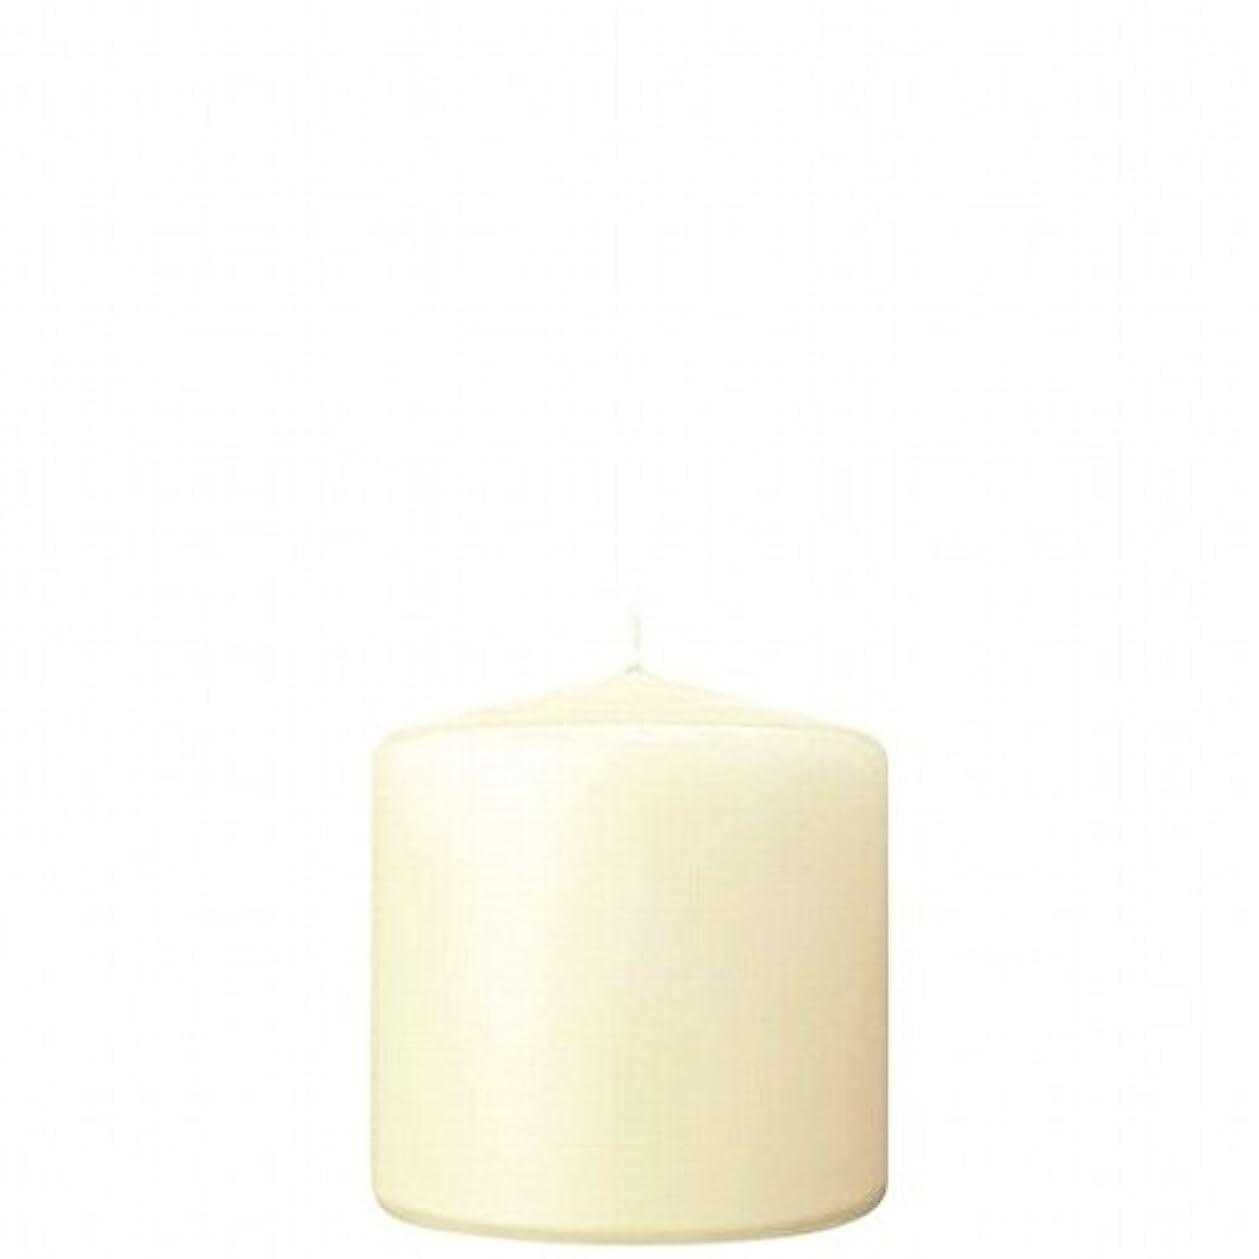 逆説価値クリームkameyama candle(カメヤマキャンドル) 3×3ベルトップピラーキャンドル 「 アイボリー 」(A9730000IV)